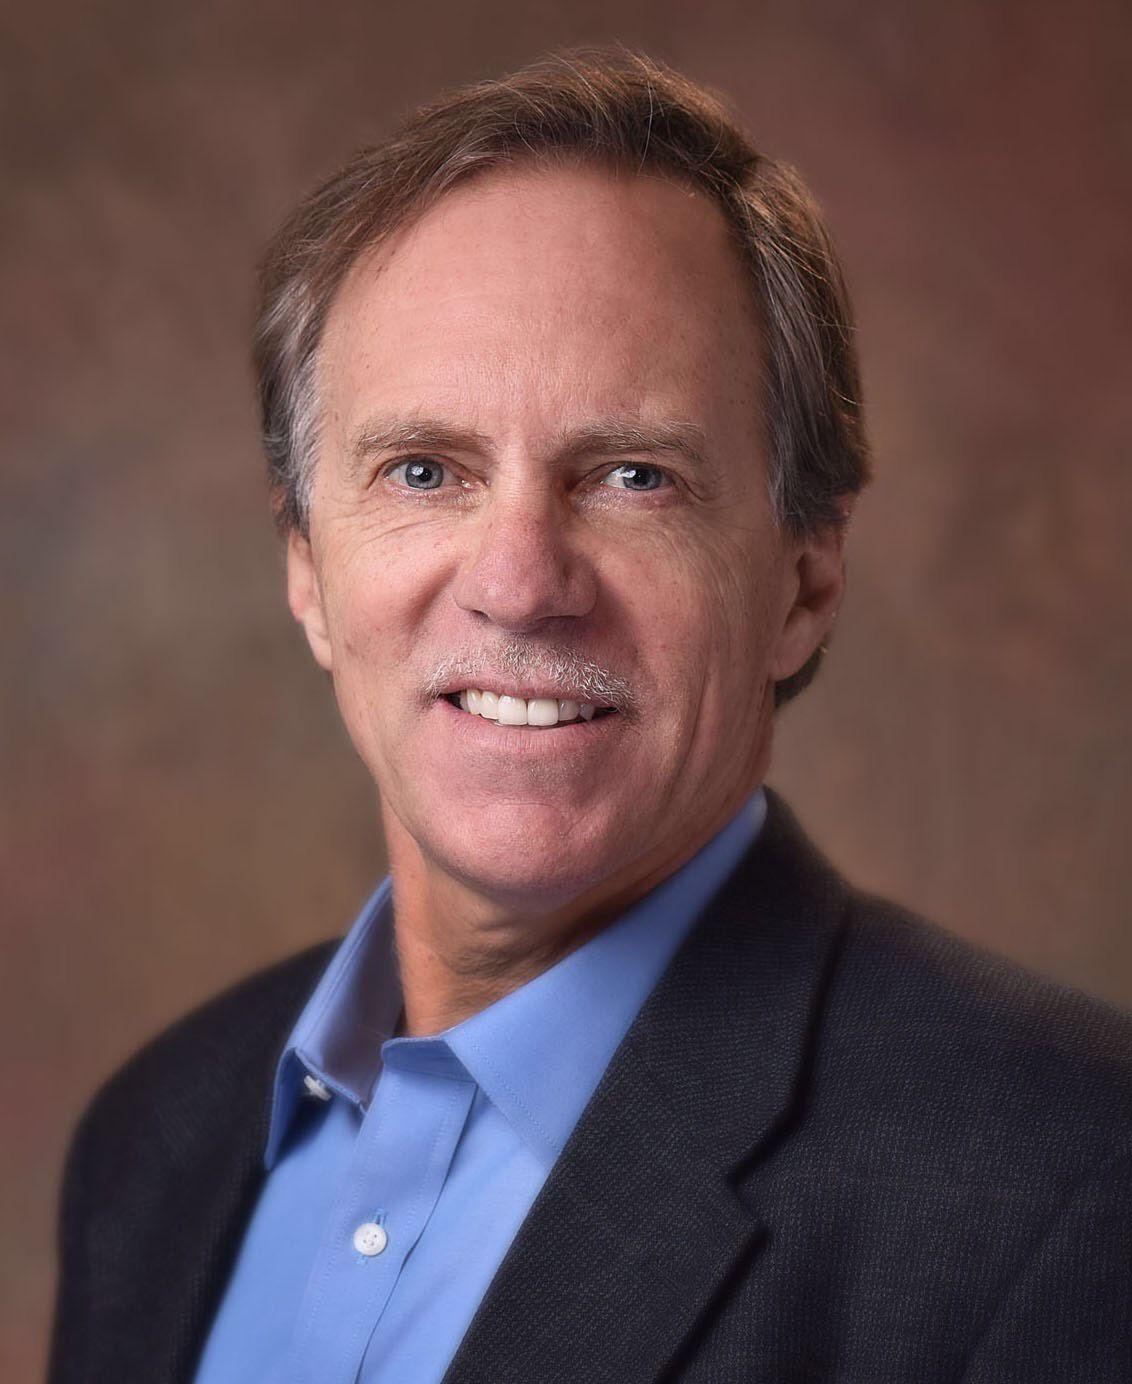 Greg Clifton